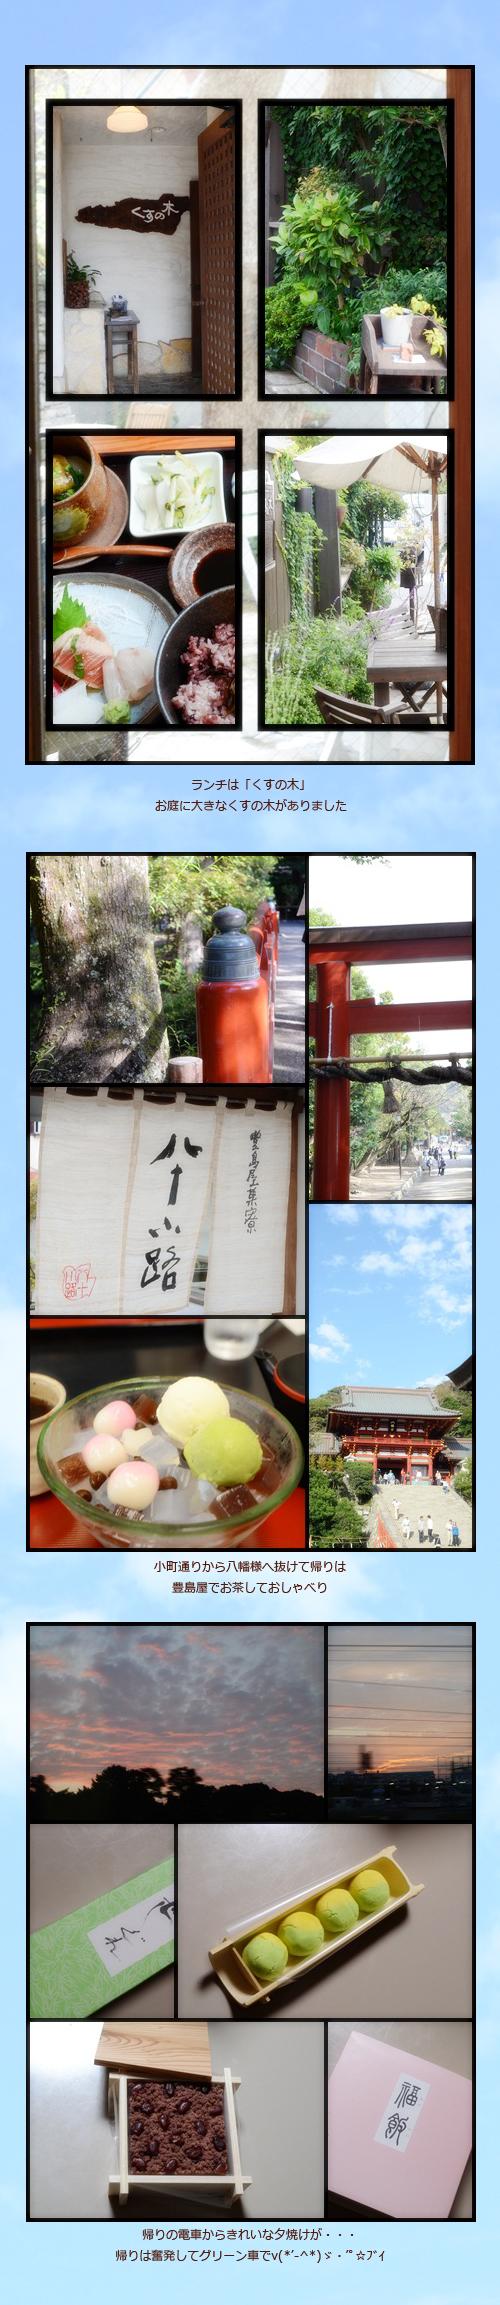 10月15日鎌倉2